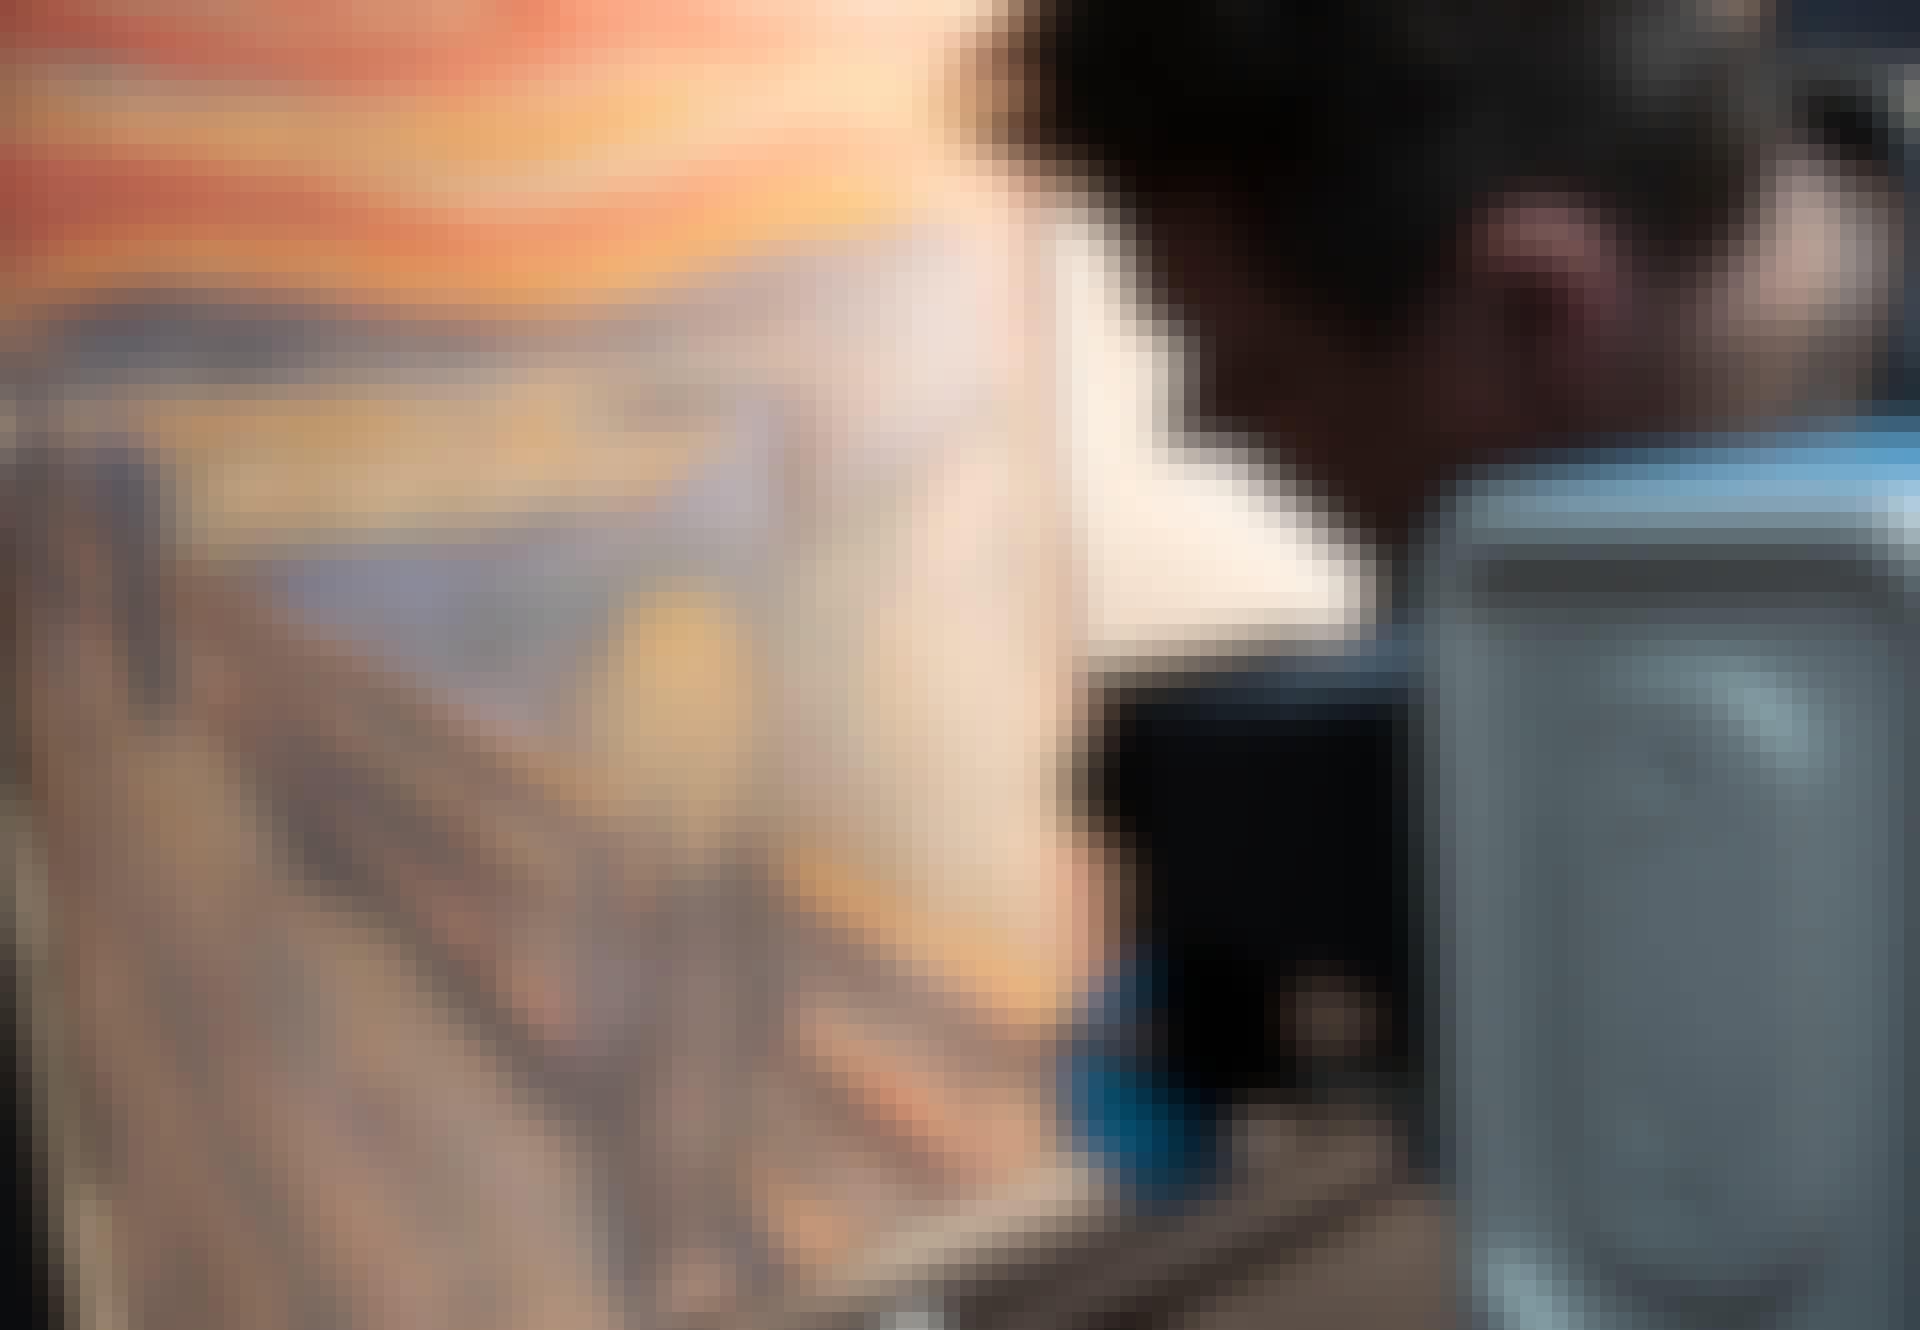 Maleriet Skribet blev belyst med infrarødt lys